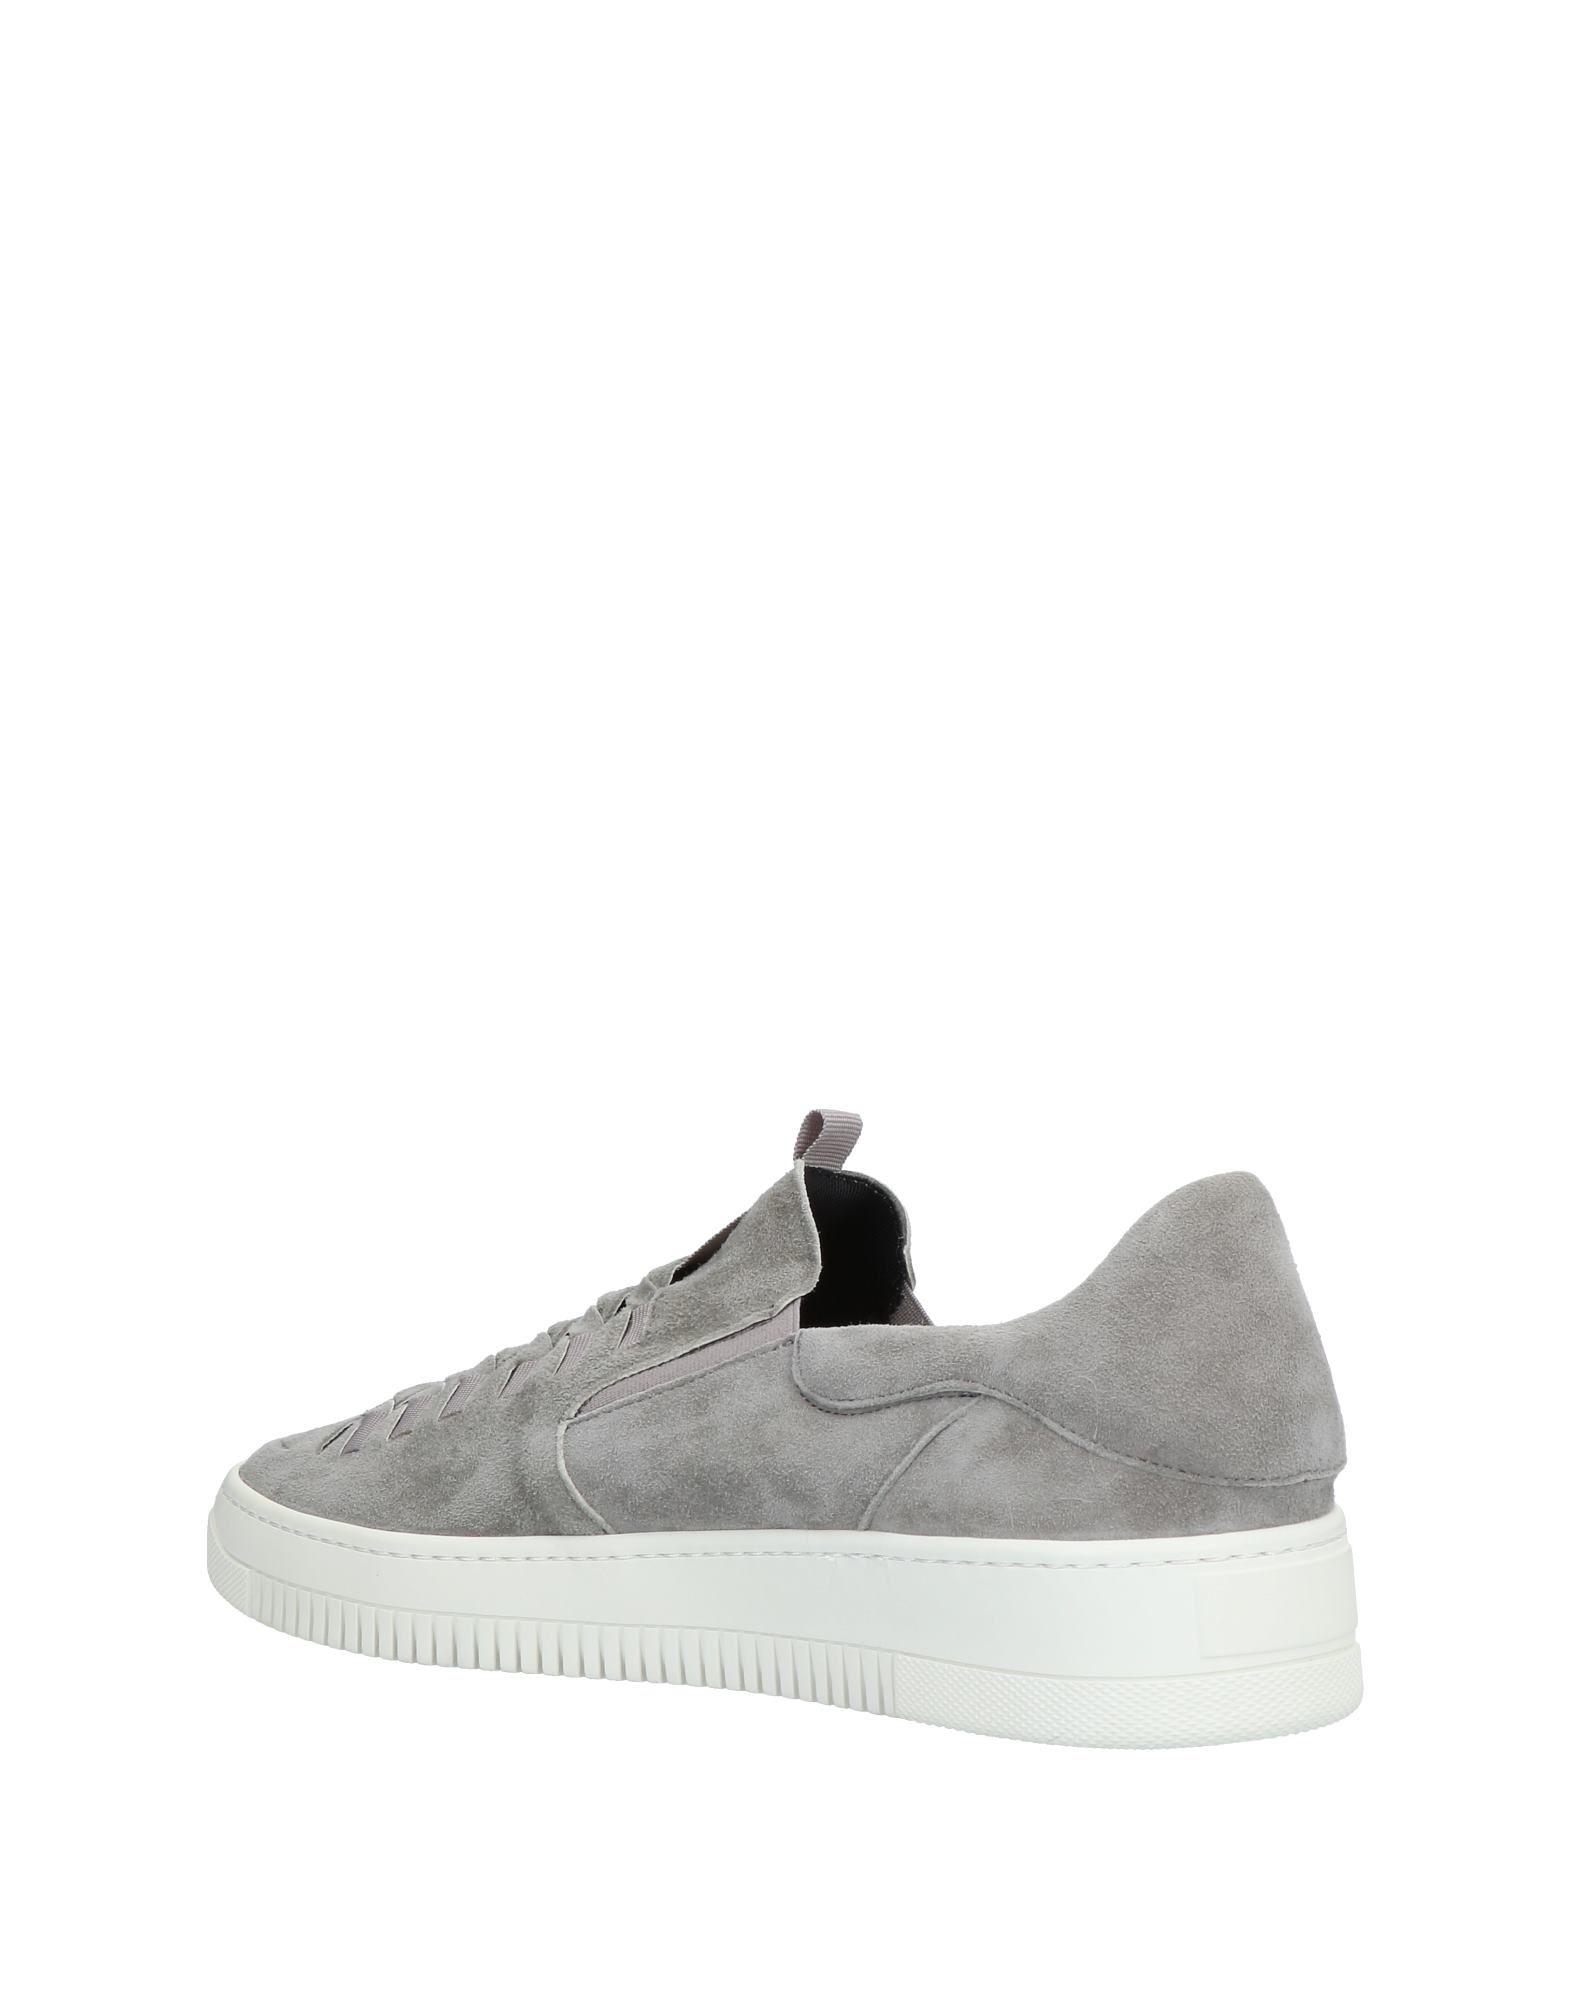 Rabatt echte Schuhe Herren Gordon Sneakers Herren Schuhe  11519855MB c342df